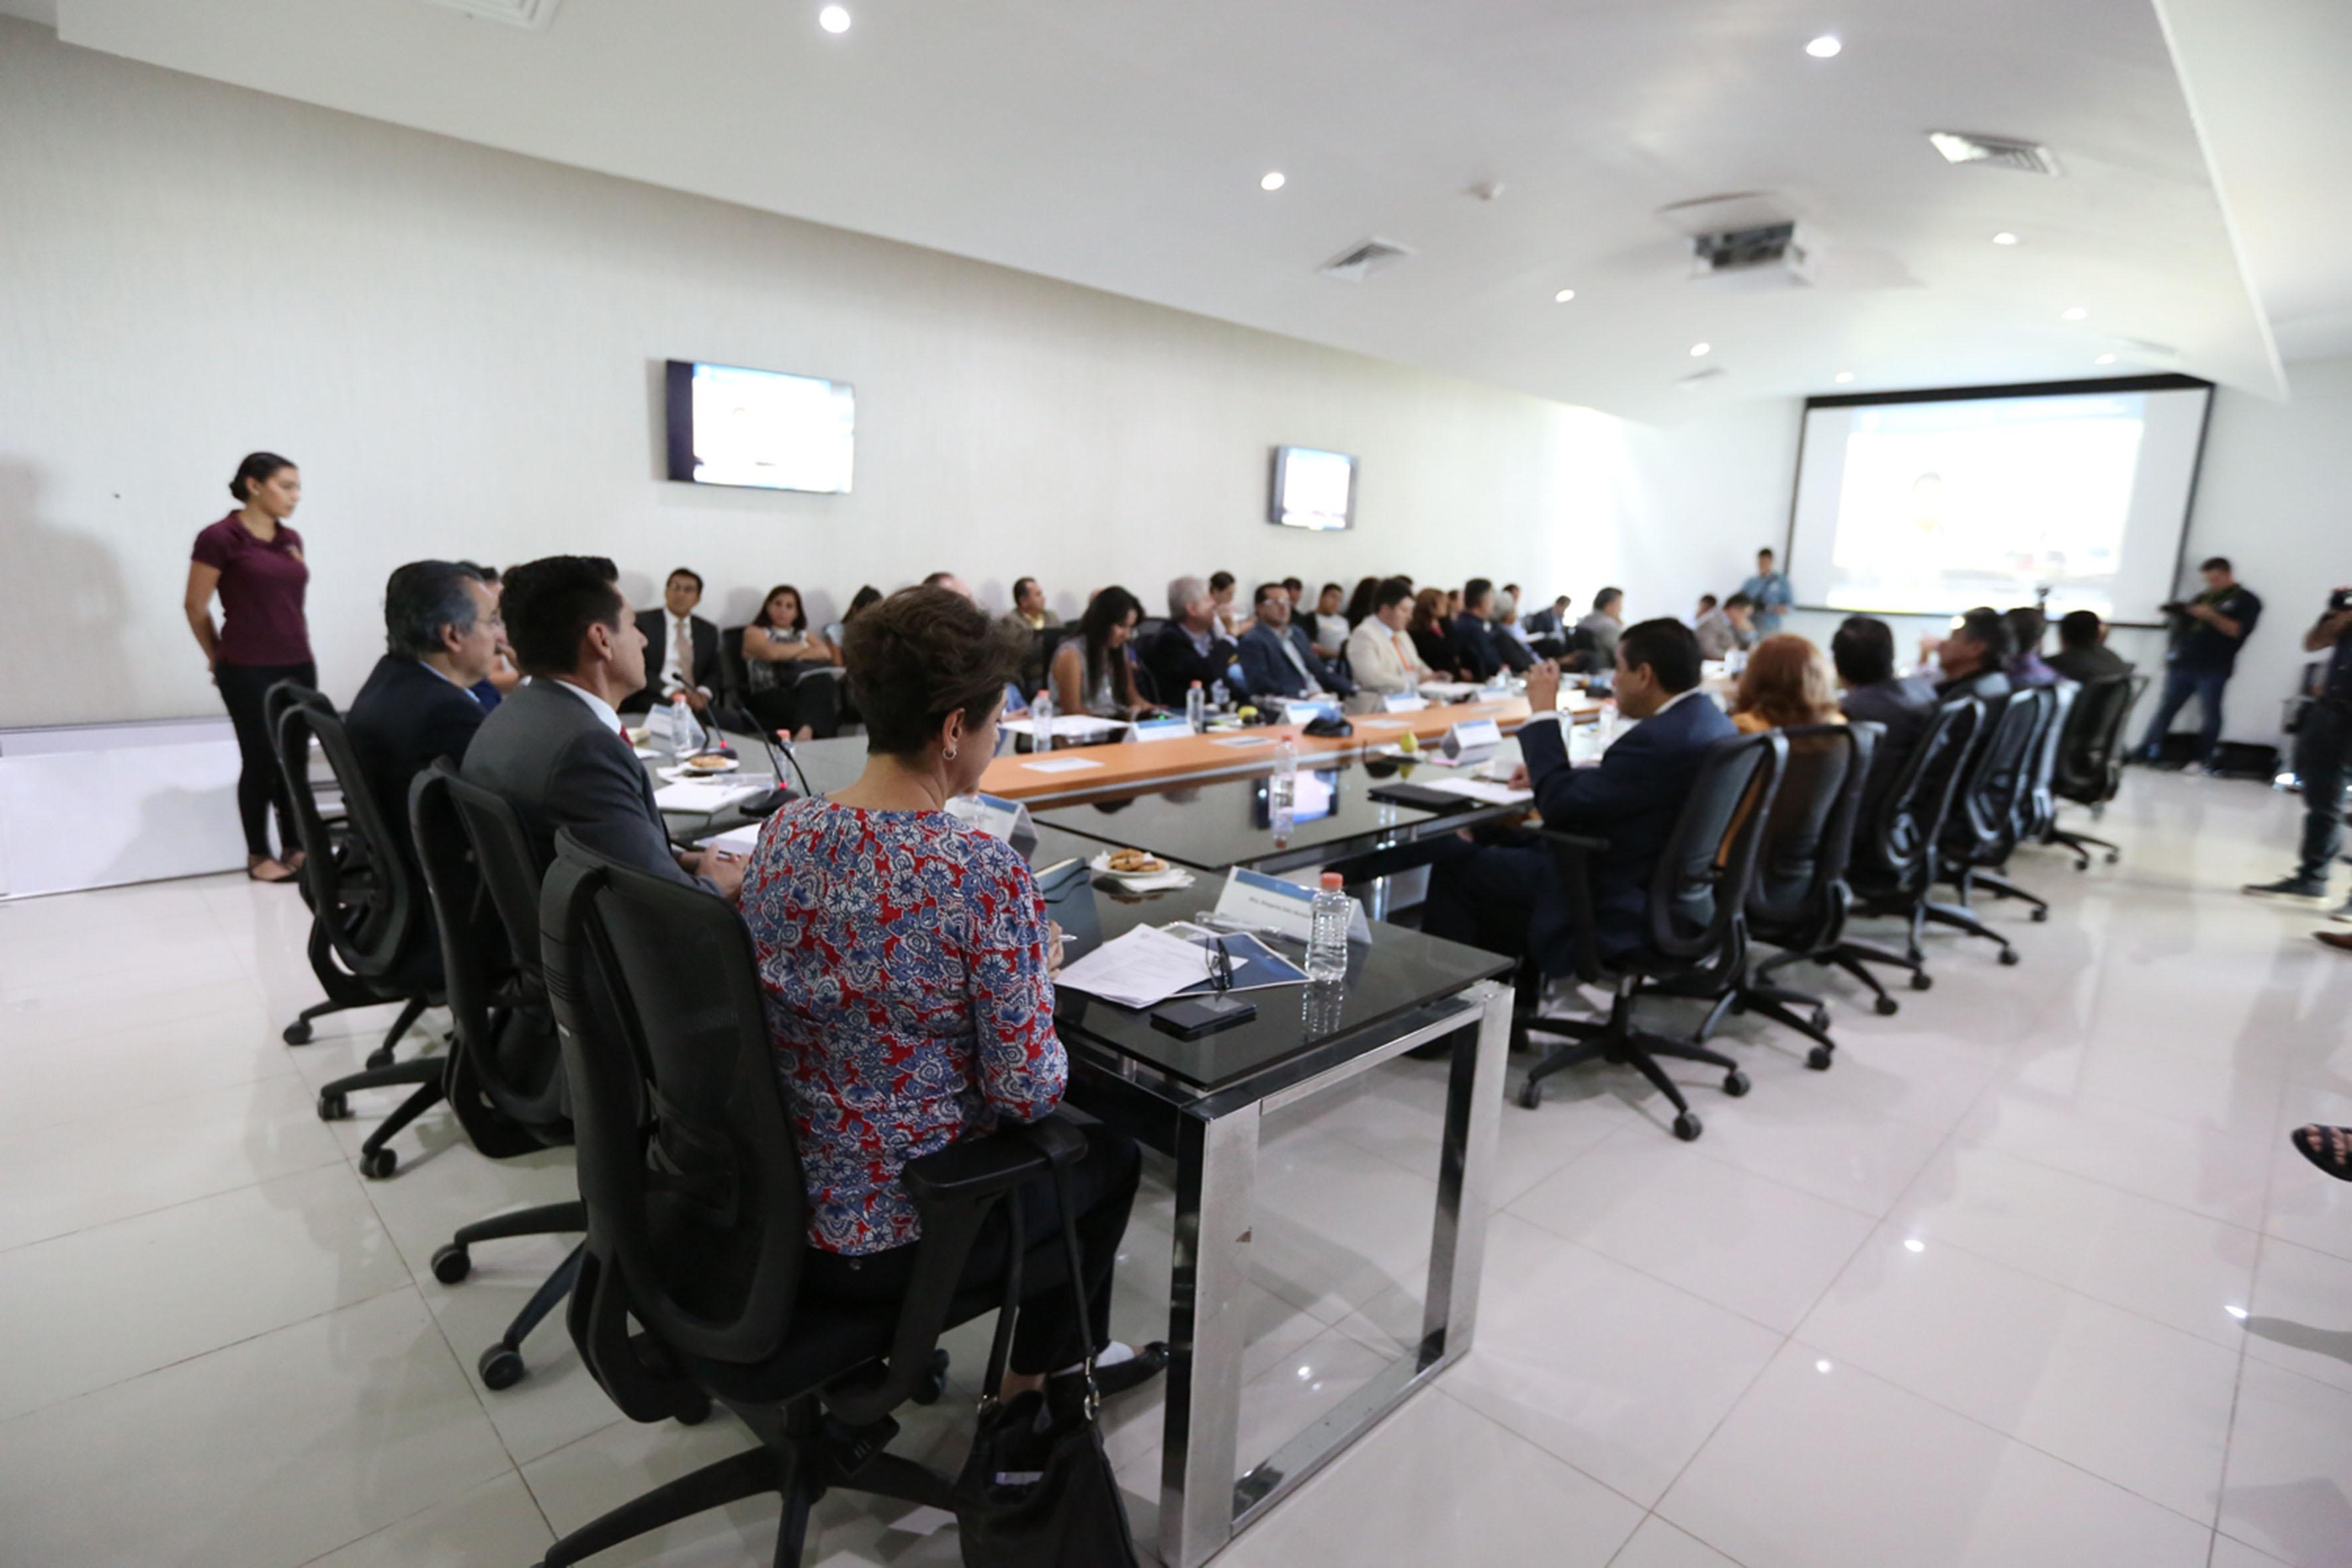 Reunión sostenida por el Rector de Cuvalles para dar a conocer proyectos presentados por investigadores del Centro Universitario, a industriales de Jalisco, representantes de las secretarías de Desarrollo Económico y de Innovación, Ciencia y Tecnología, y empresarios de la región Valles.